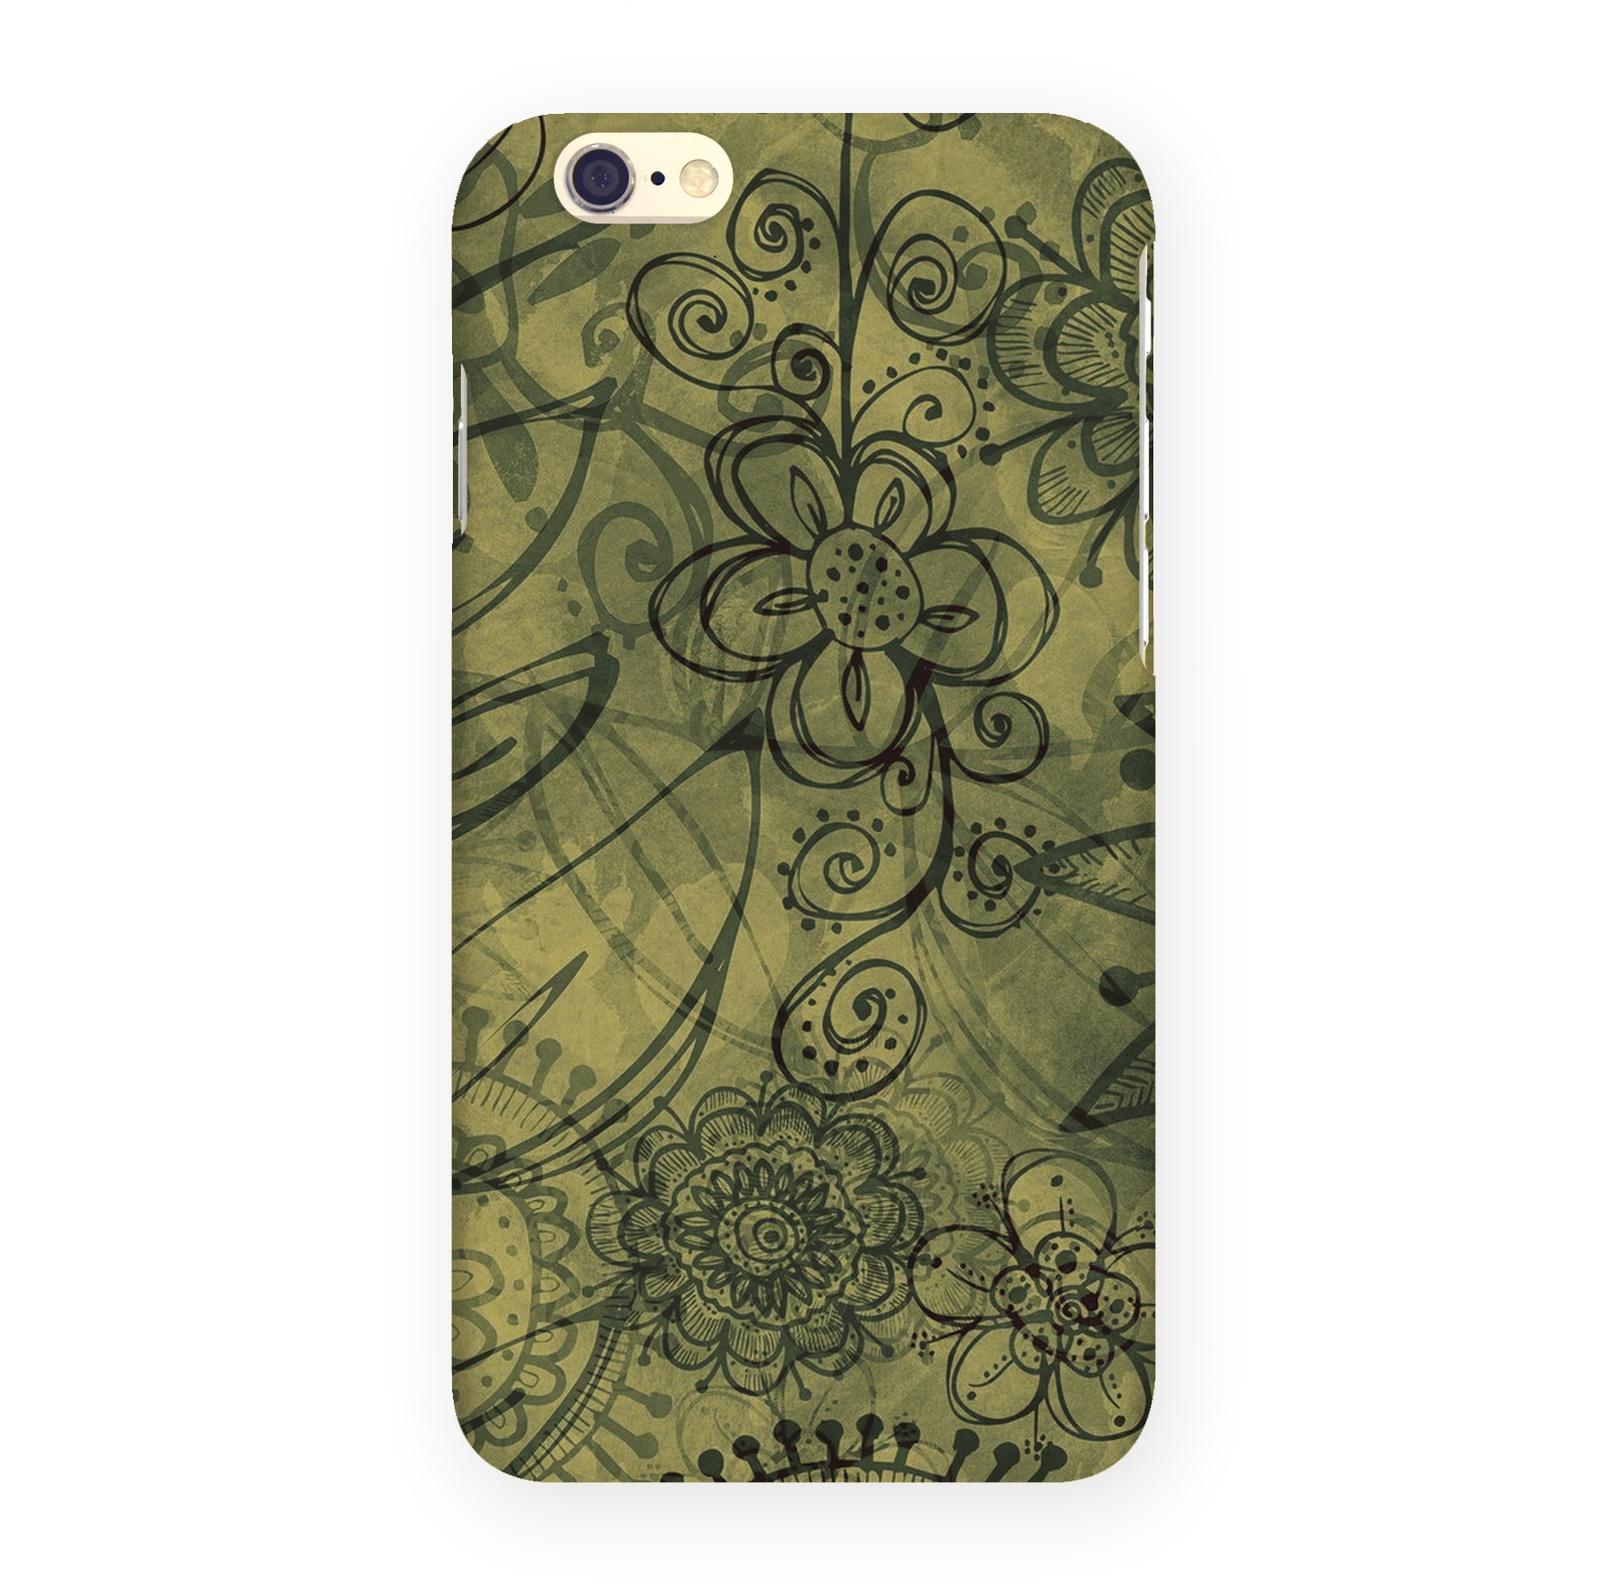 Чехол для сотового телефона Mitya Veselkov IP6.MITYA, IP6.MITYA-281, зеленый цена и фото